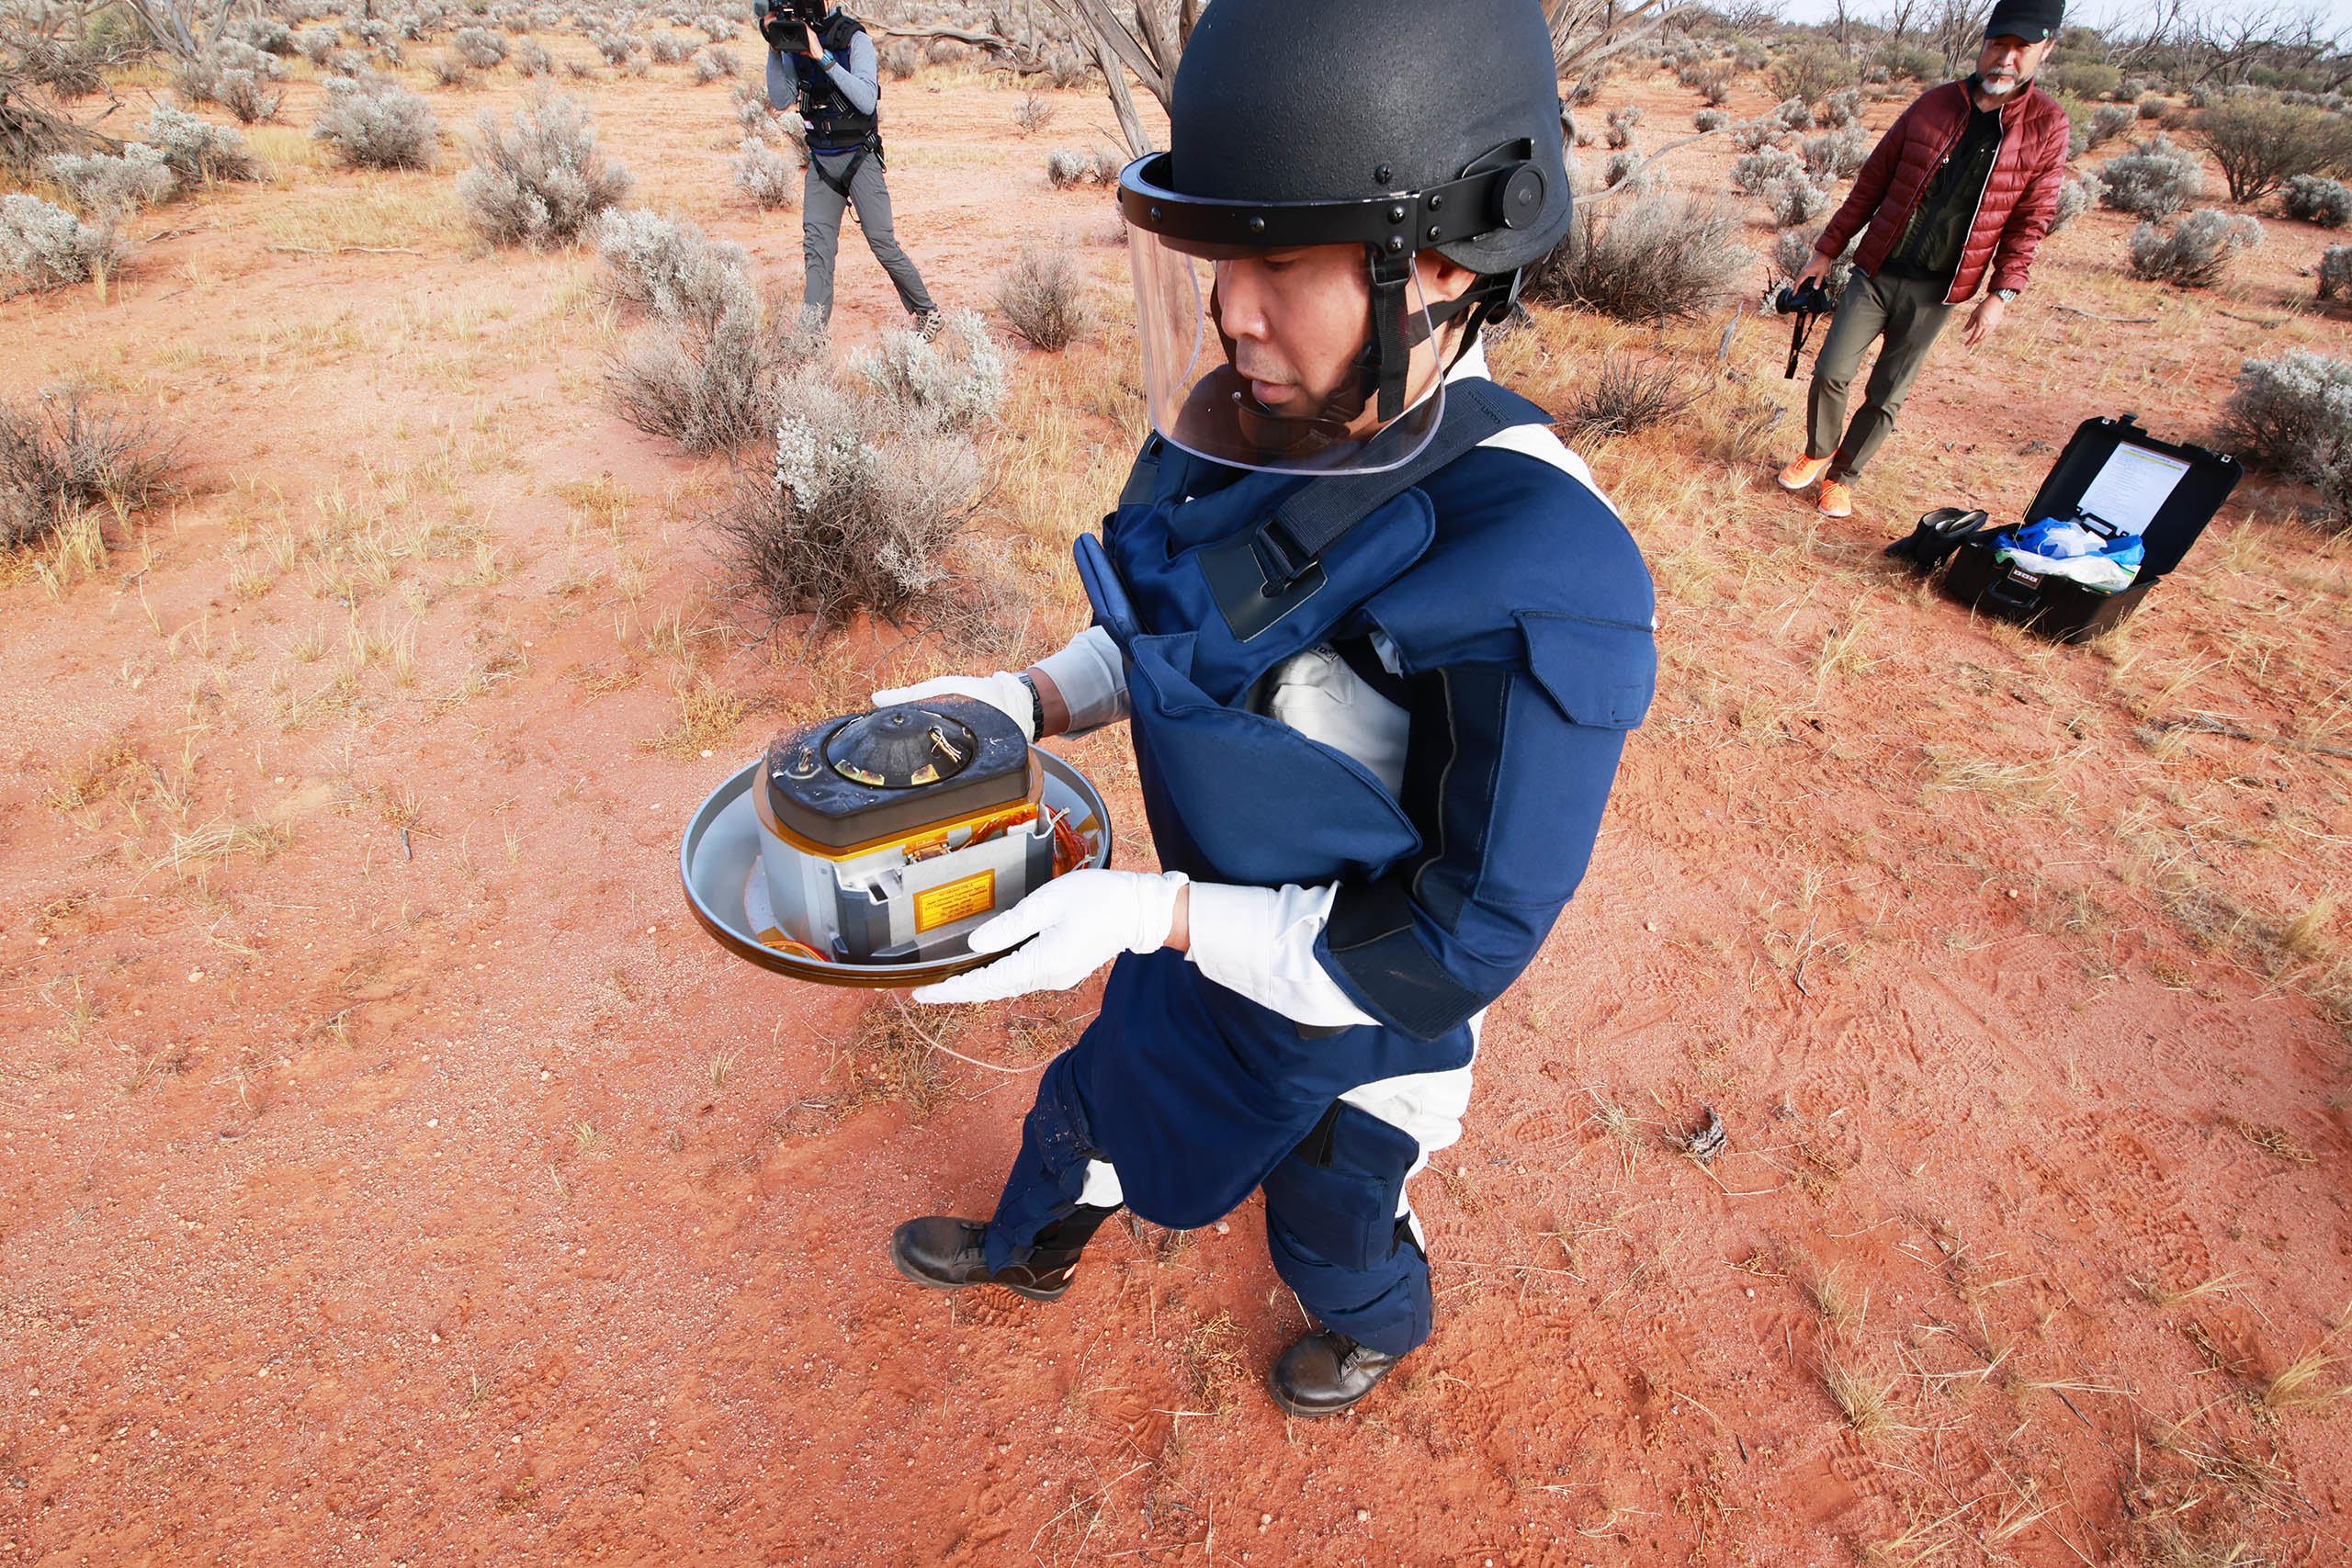 Специалисты Японского космического агентства нашли спускаемую капсулу «Хаябусы‑2» на полигоне Вумера в центре Австралии. Фото Австралийского космического агентства